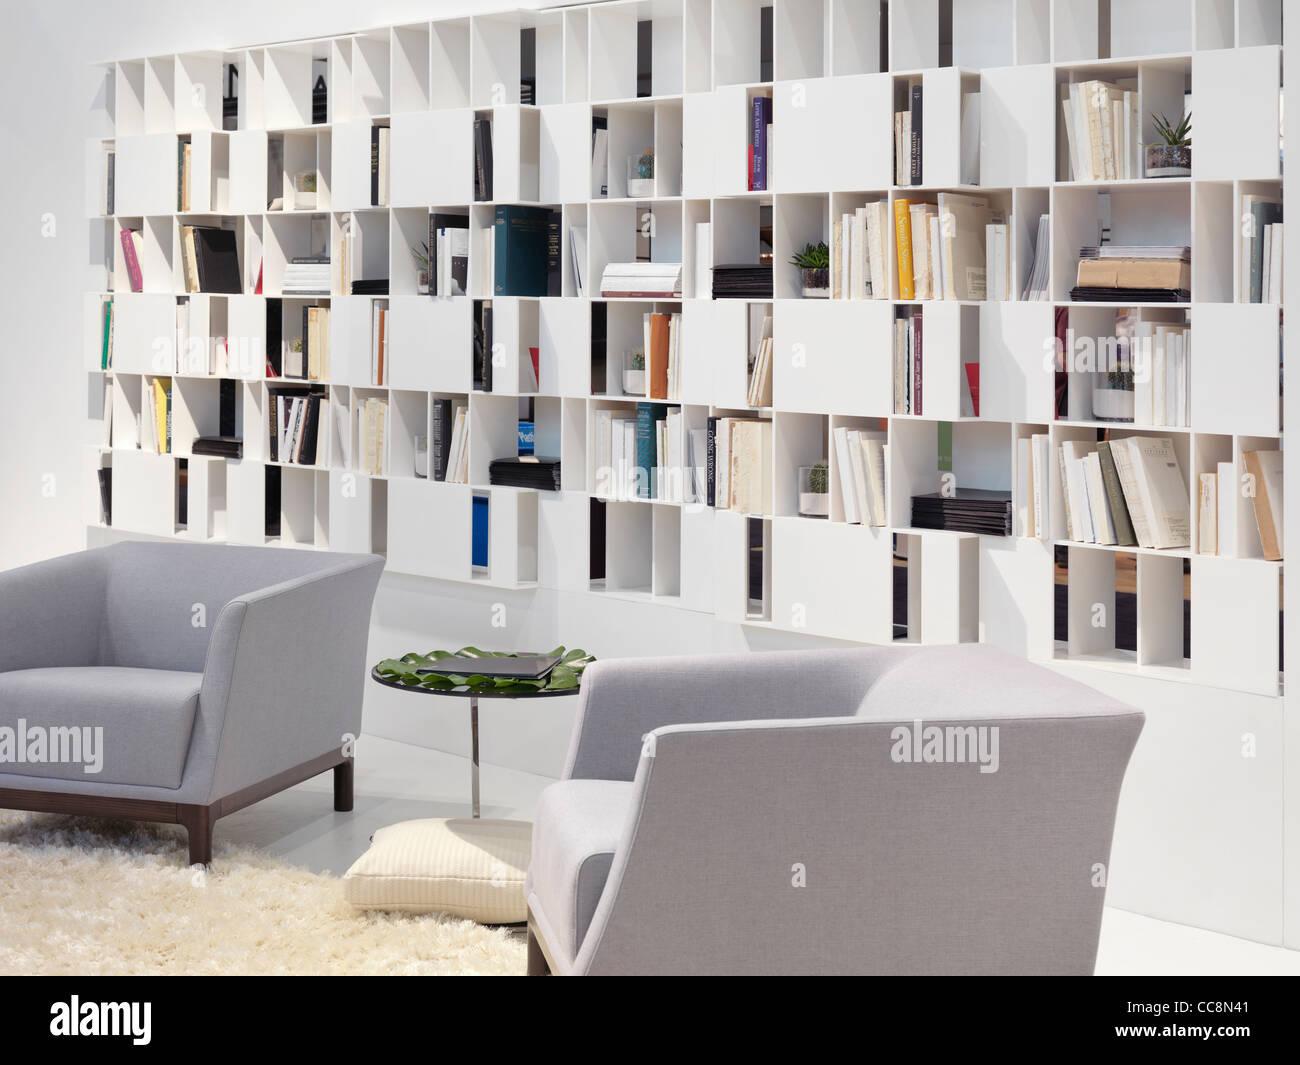 Wand Regal home Bibliothek zeitgenössischer Innenarchitektur ...